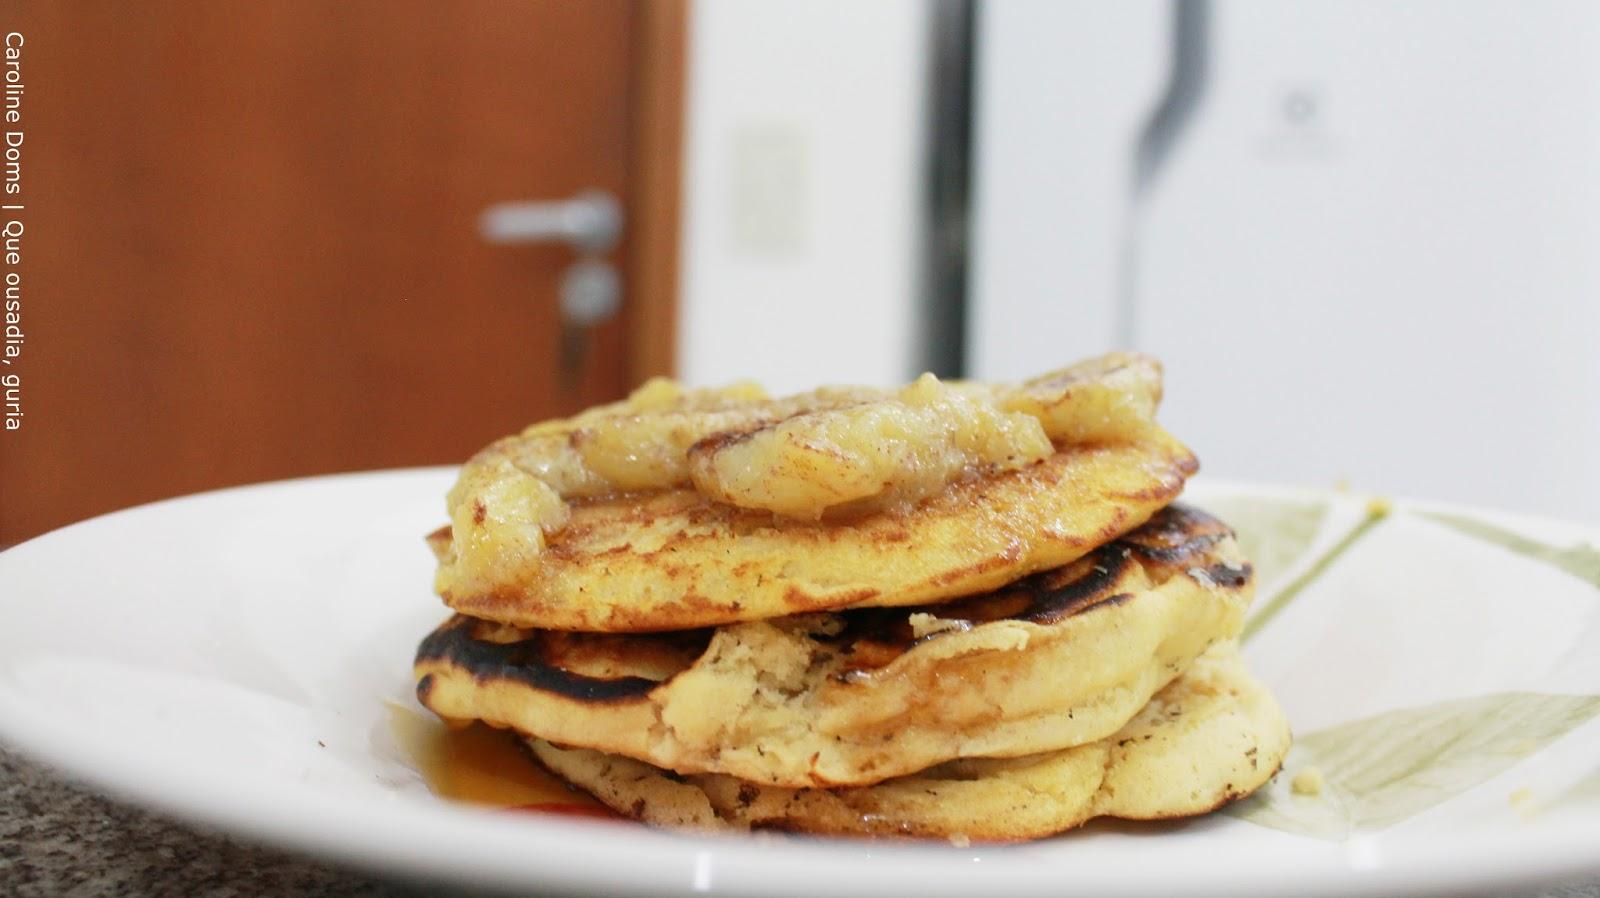 panqueca-banana-mel